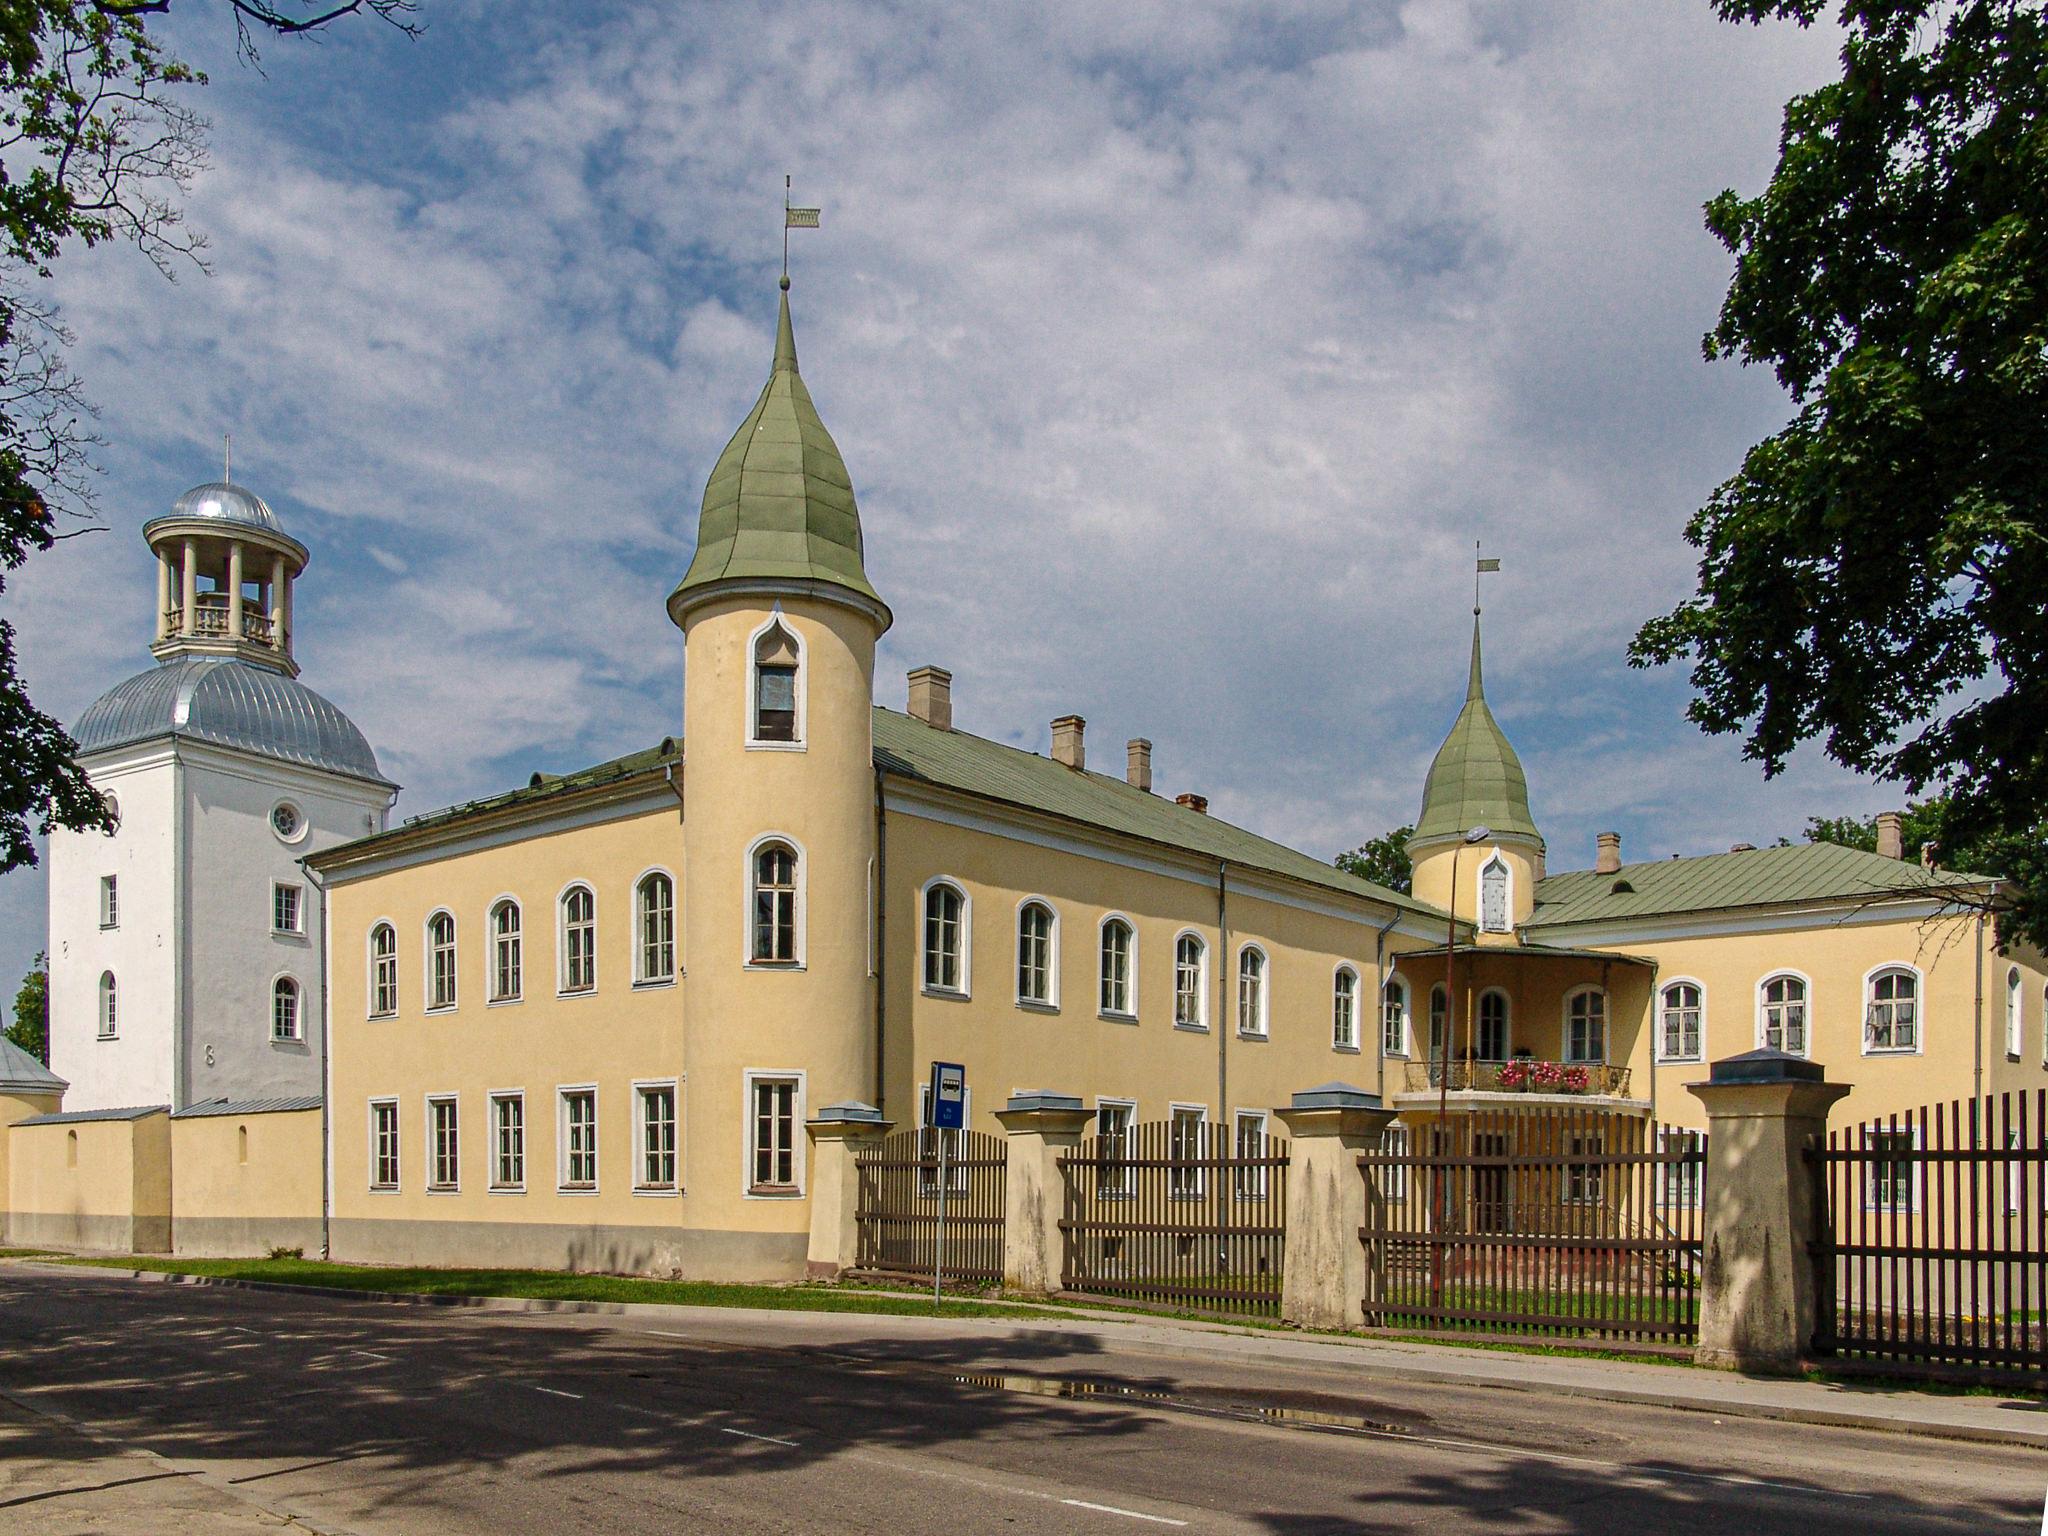 2010-07-16, Schloss Kreuzburg in Krustpils